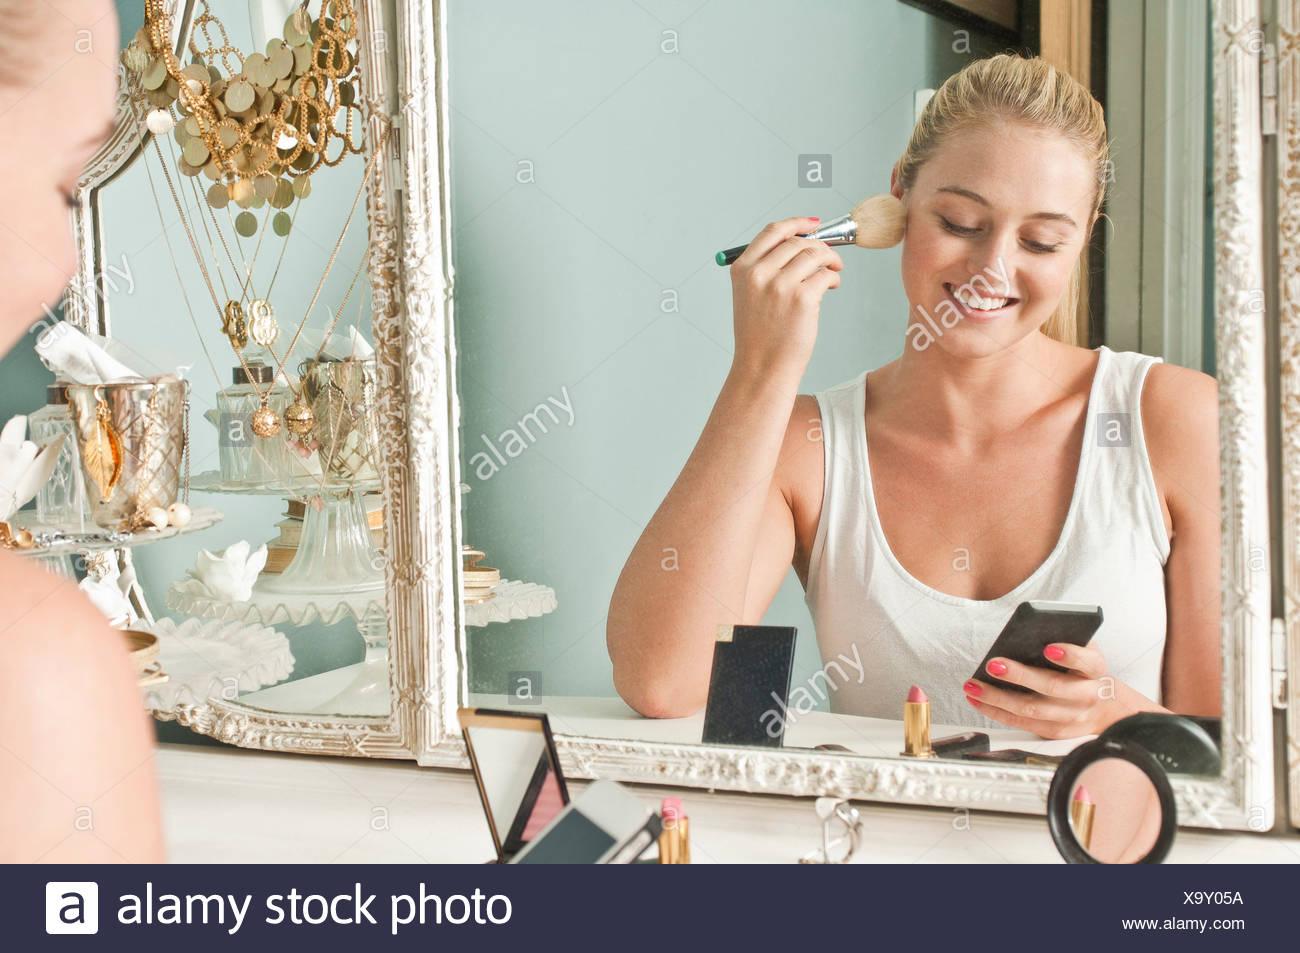 Woman applying make up - Stock Image